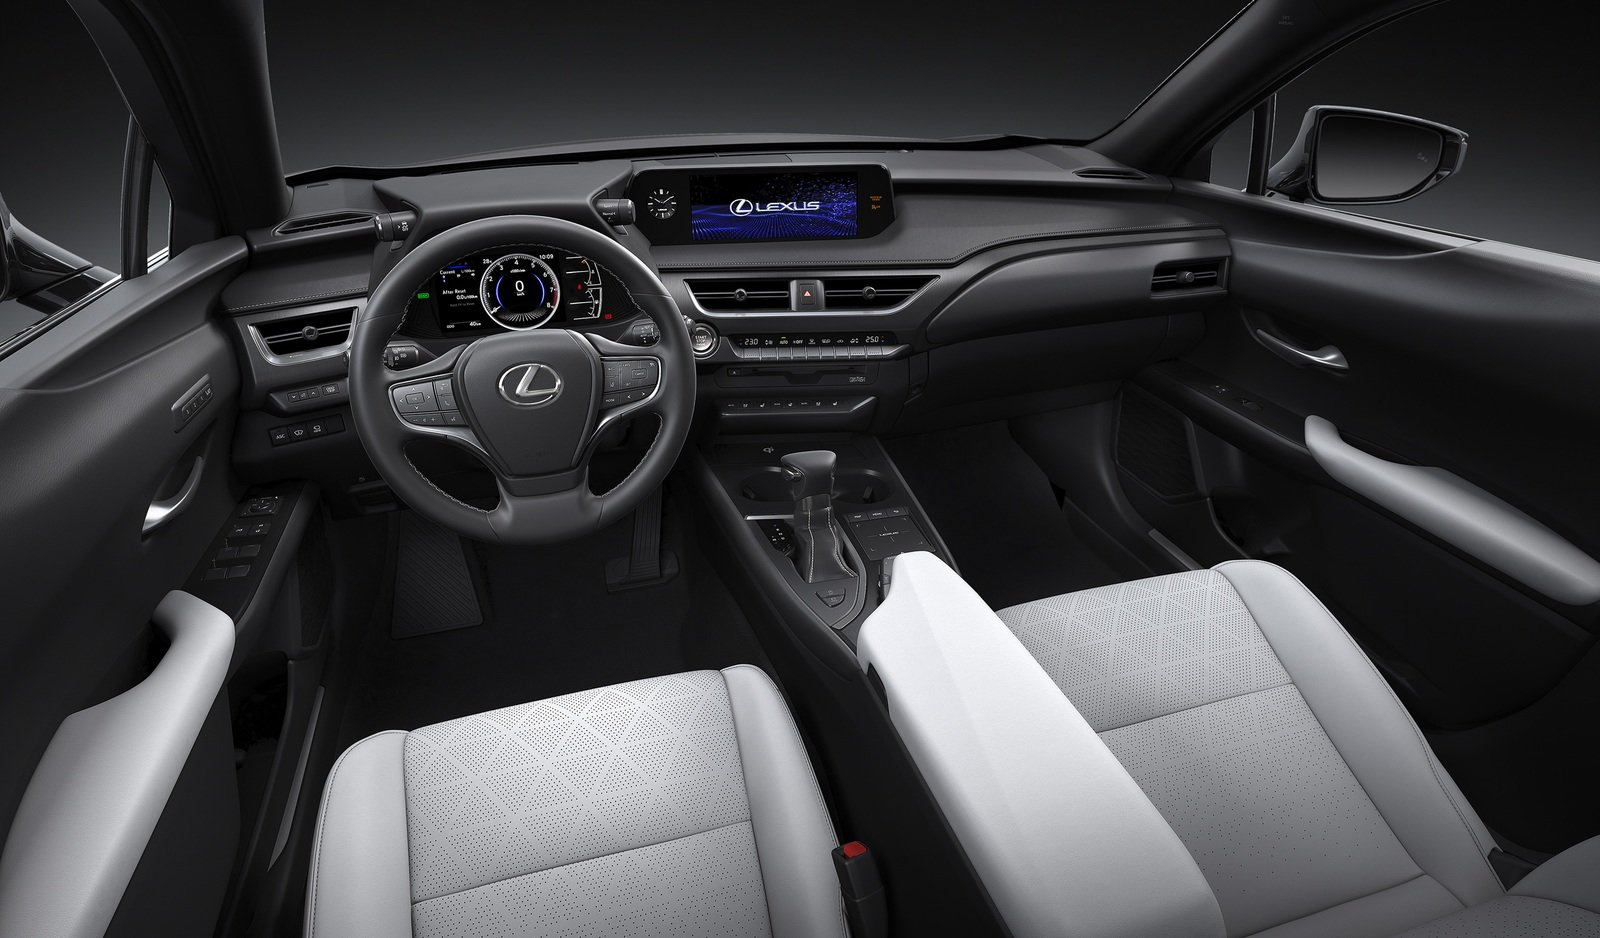 2019 lexus ux price   specs   engine   interior   exterior   release date